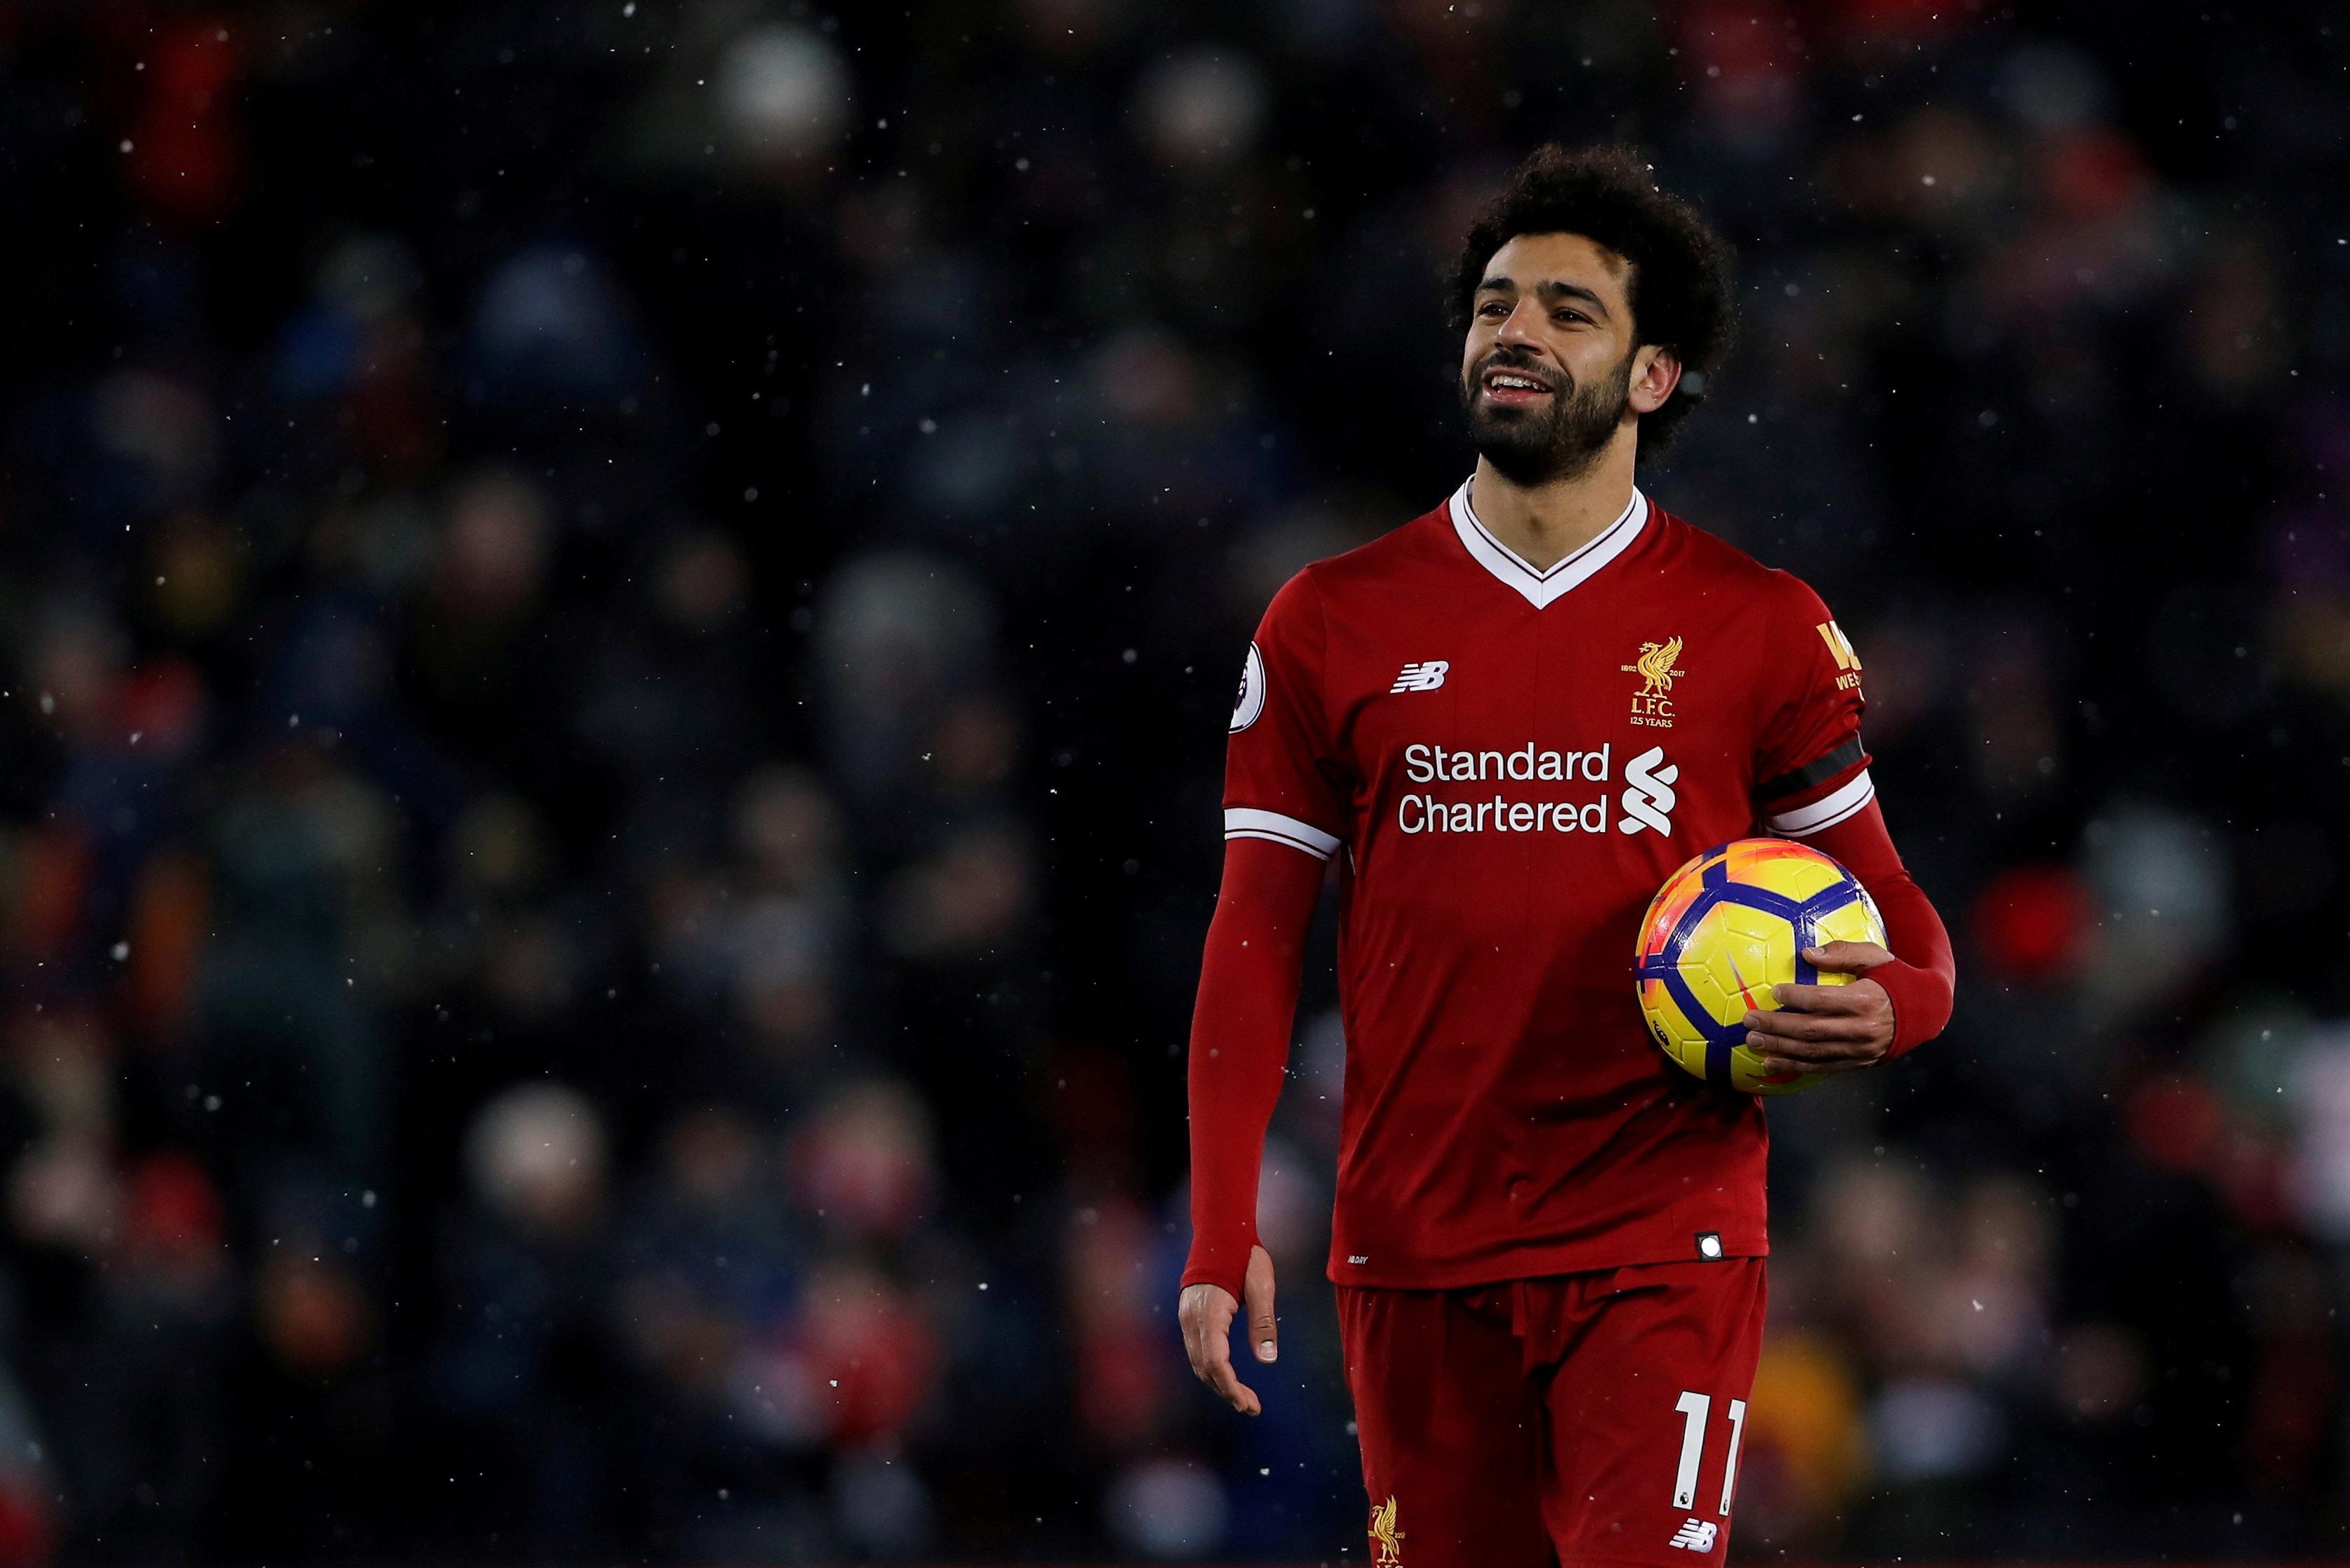 Salah giving Liverpool confidence like Suarez did: Henderson